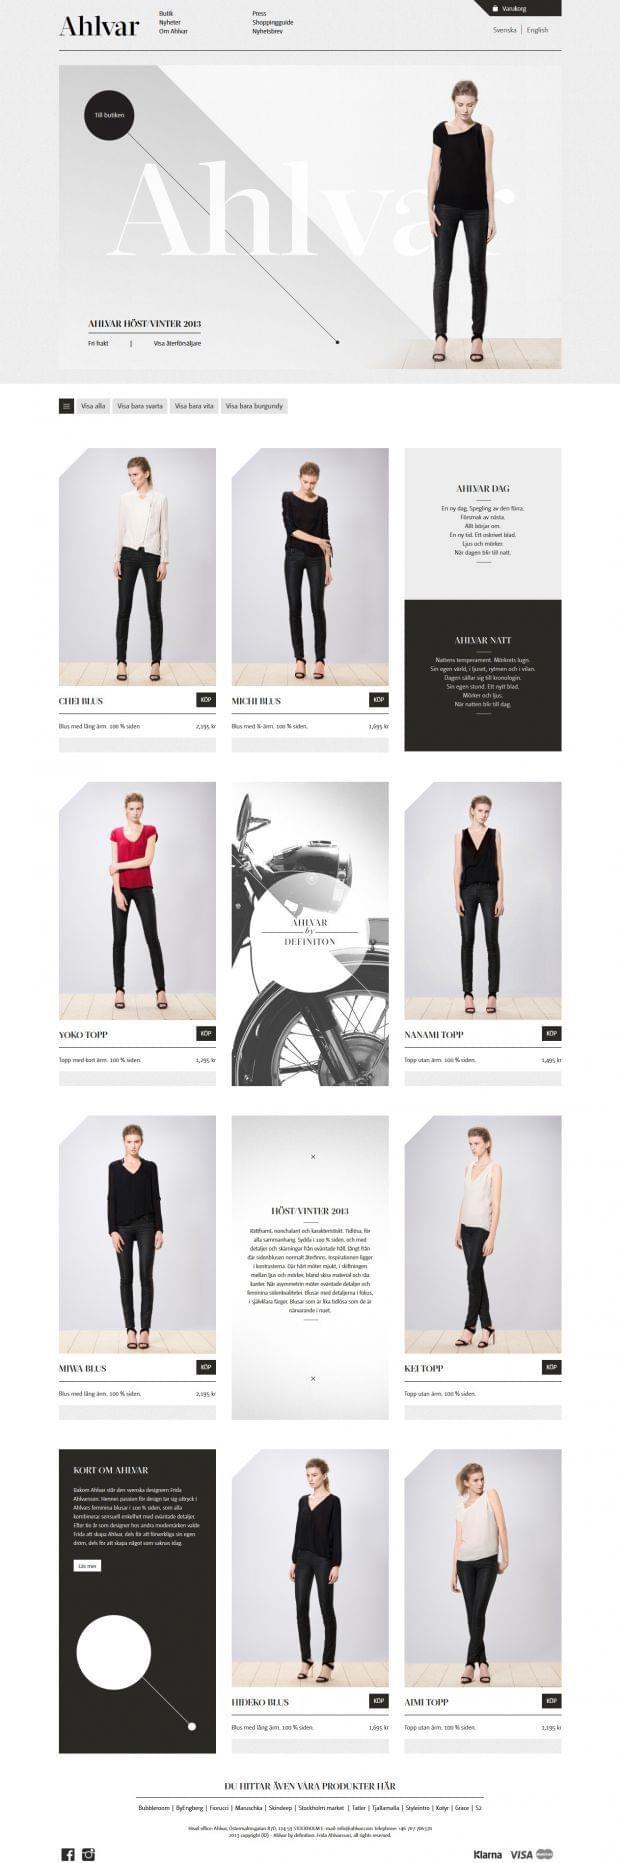 Ahlvar – Web Design